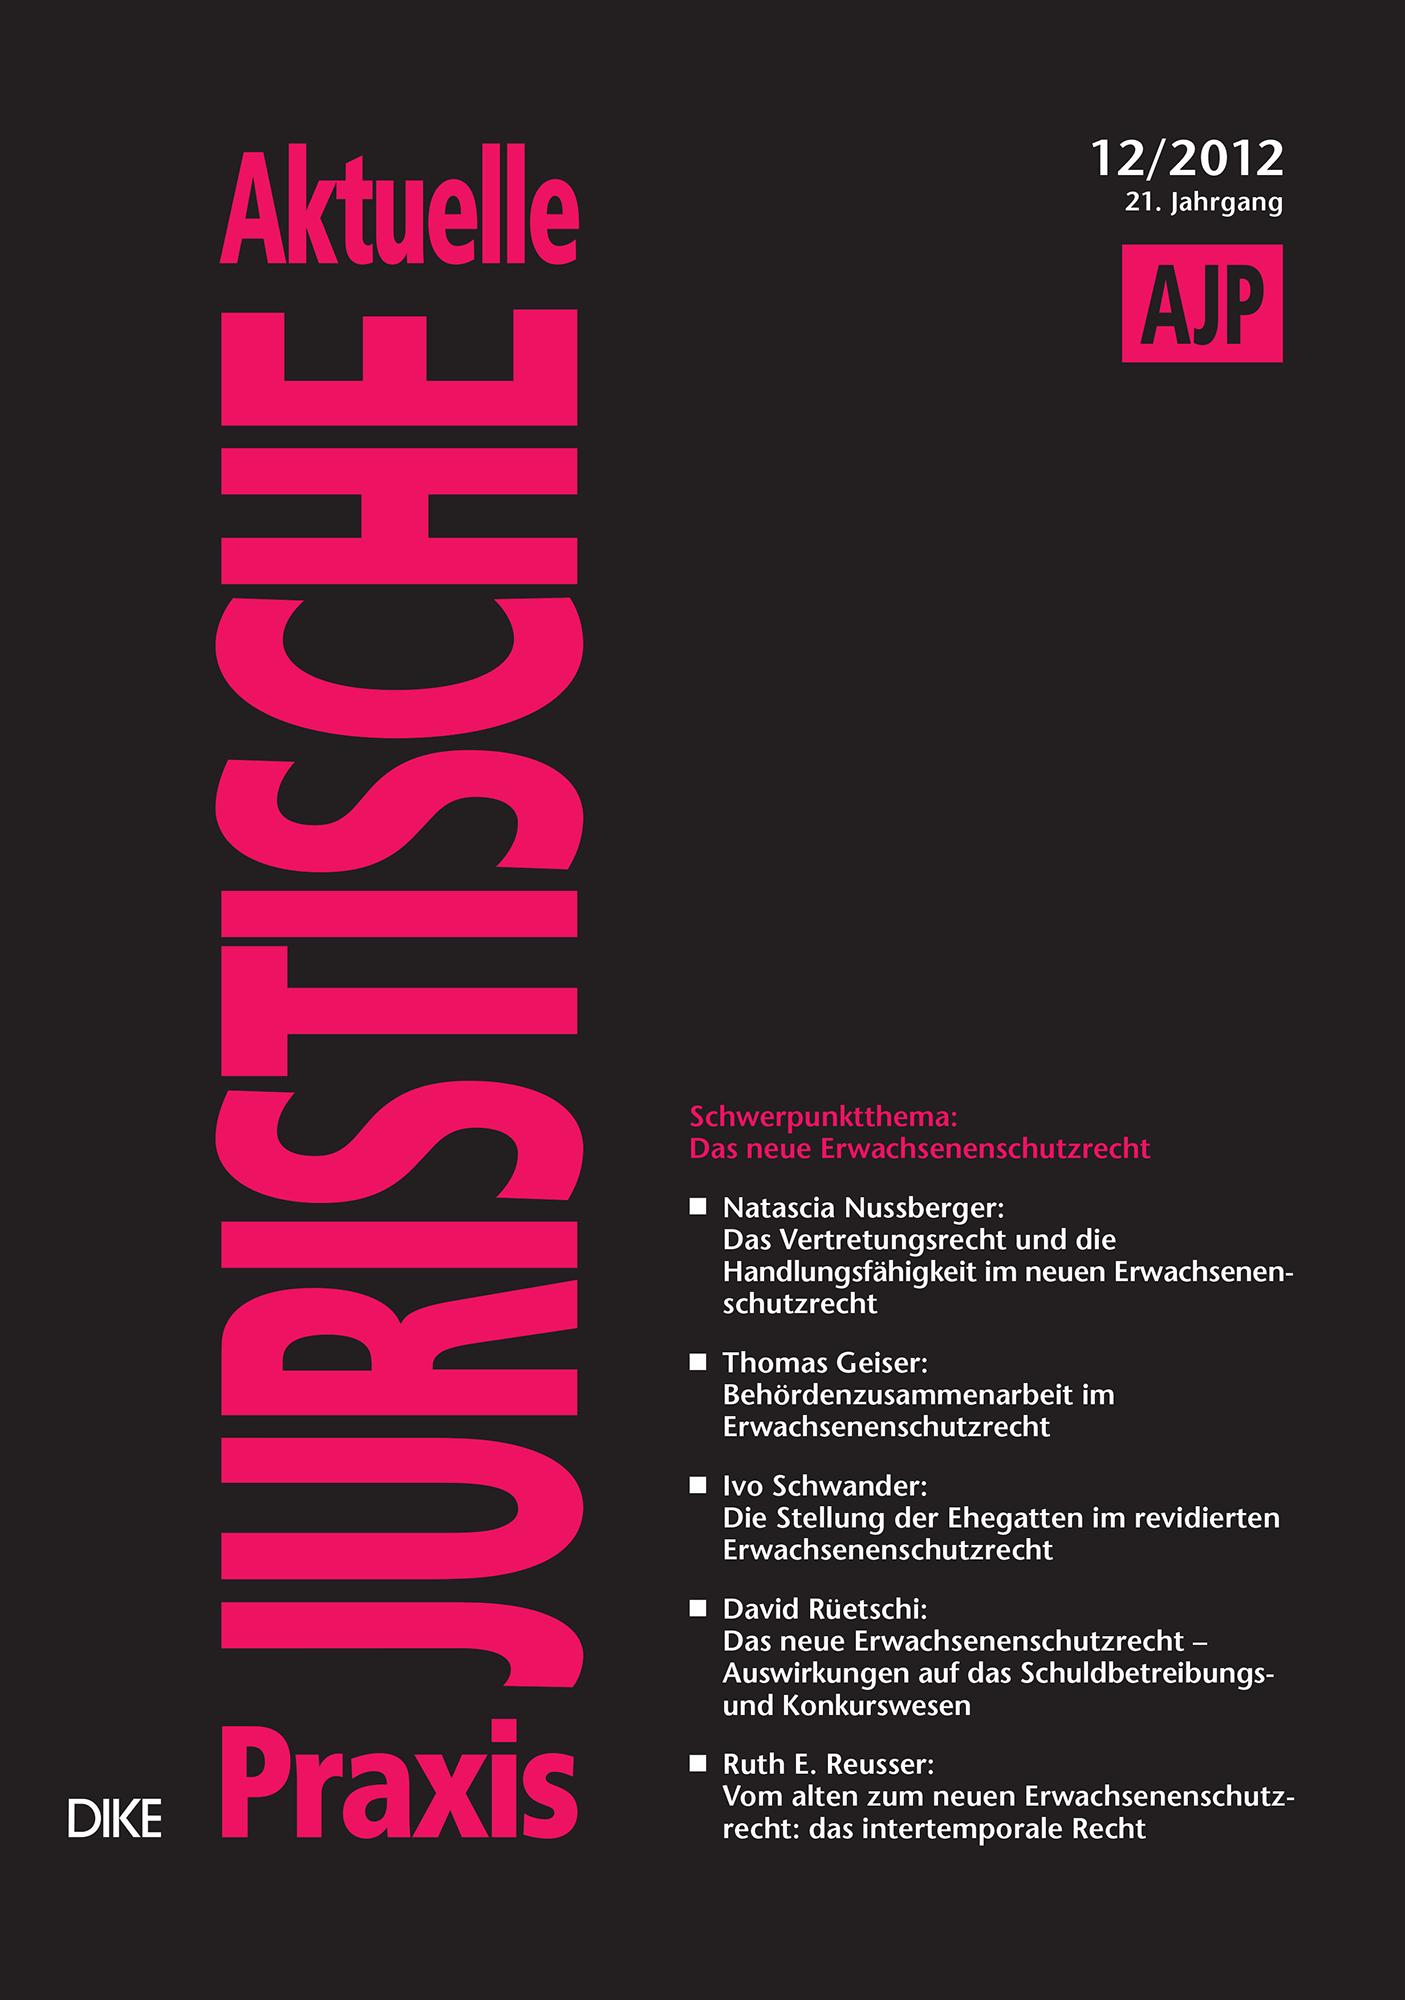 AJP/PJA 12/2012